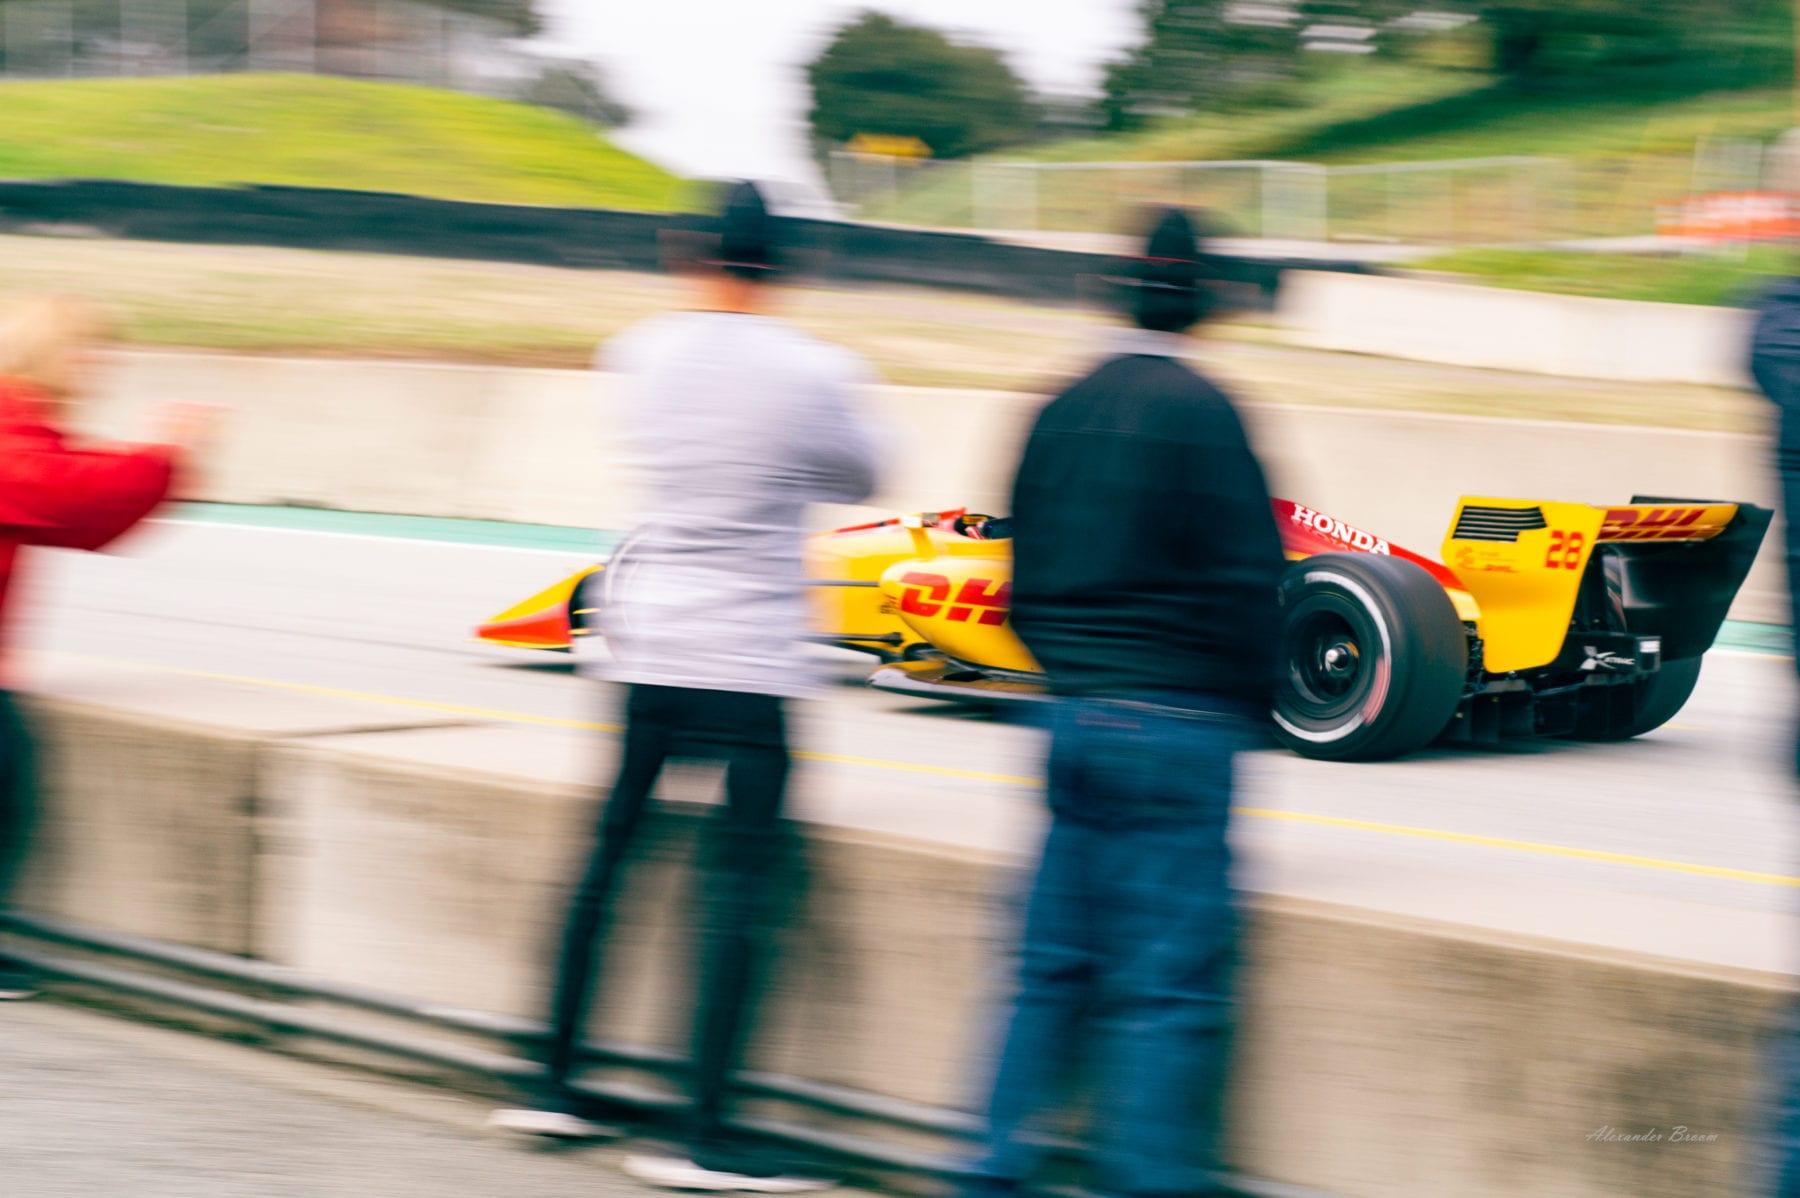 InsyCar Testing at WeatherTech Raceway Laguna Seca, Friday Feb. 8, 2019